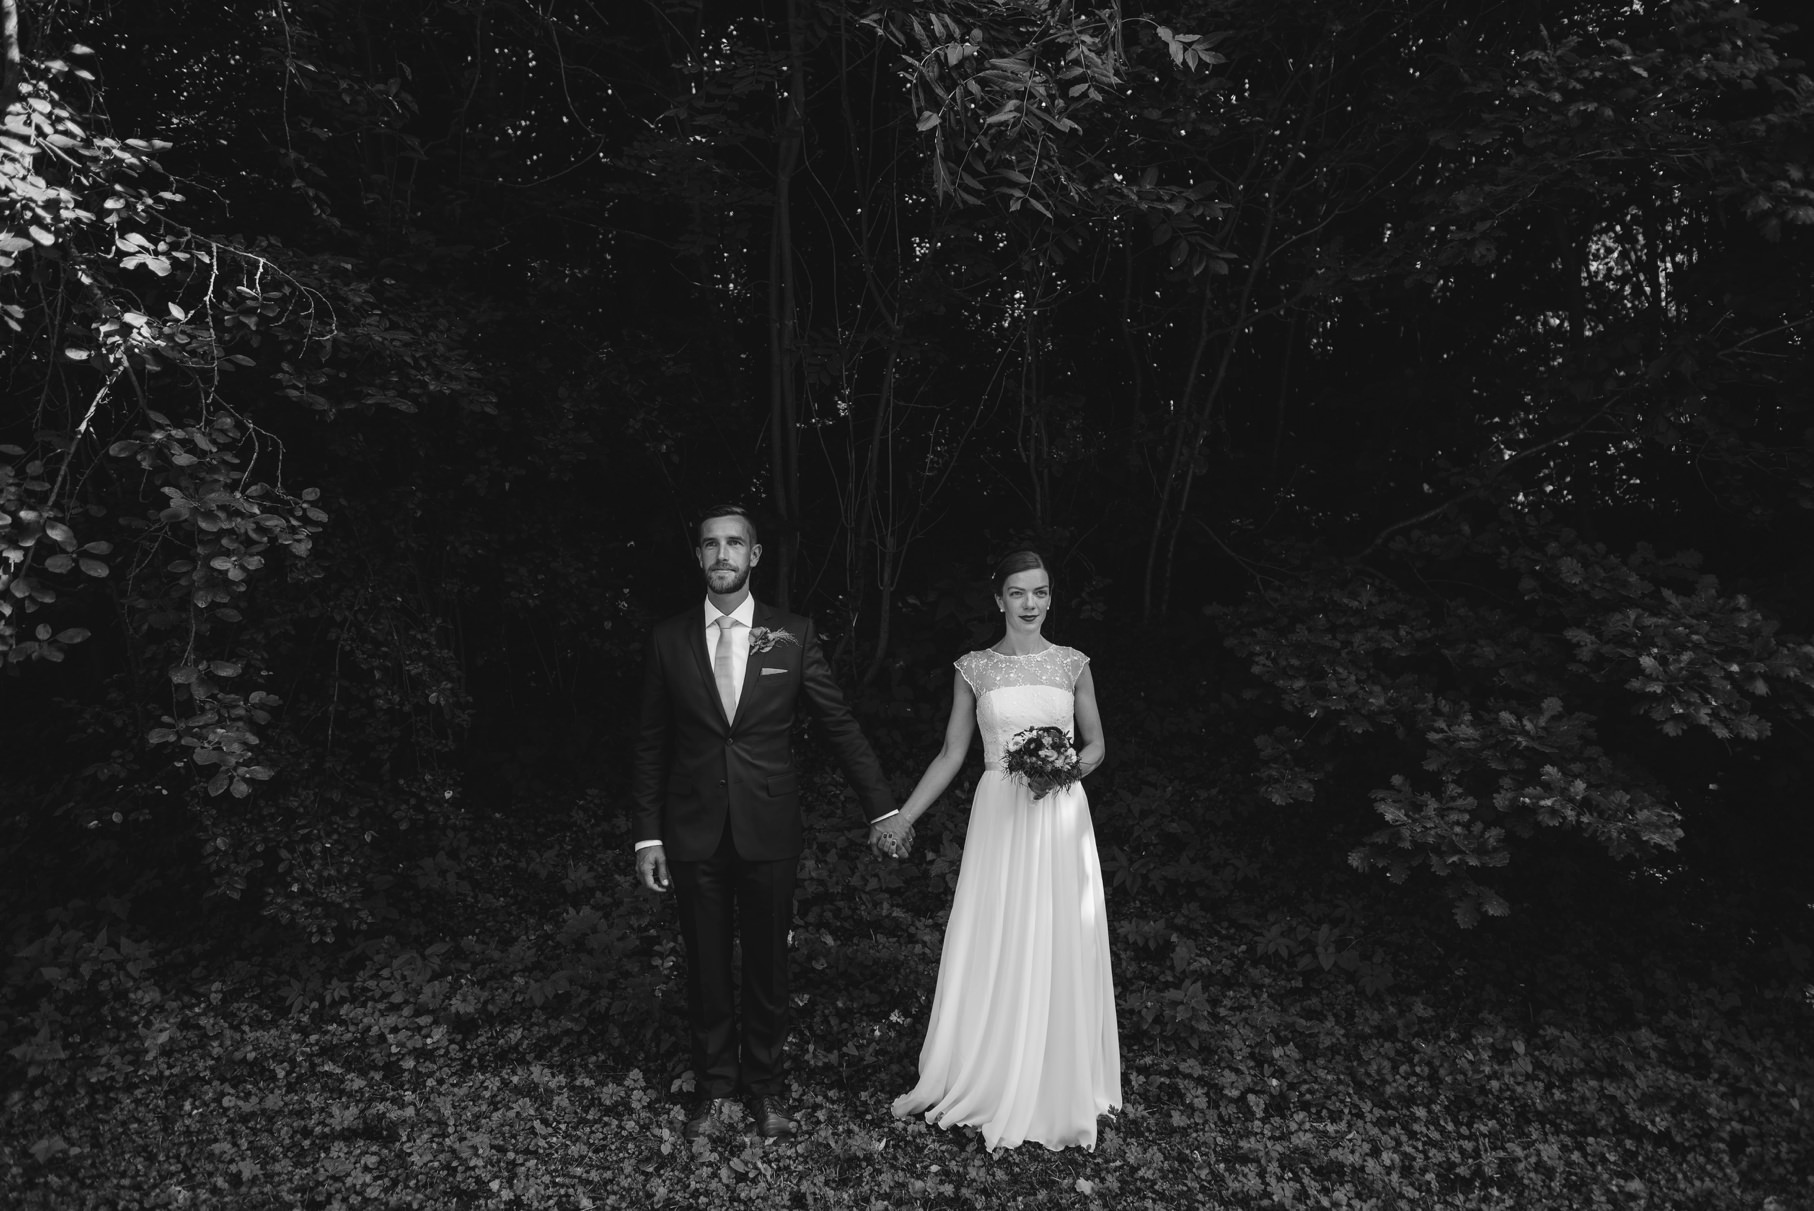 0075 schloss neuhausen hochzeitsfotograf hamburg anne bjoern - Hochzeit auf Schloss Neuhausen - Anne & Sebastian